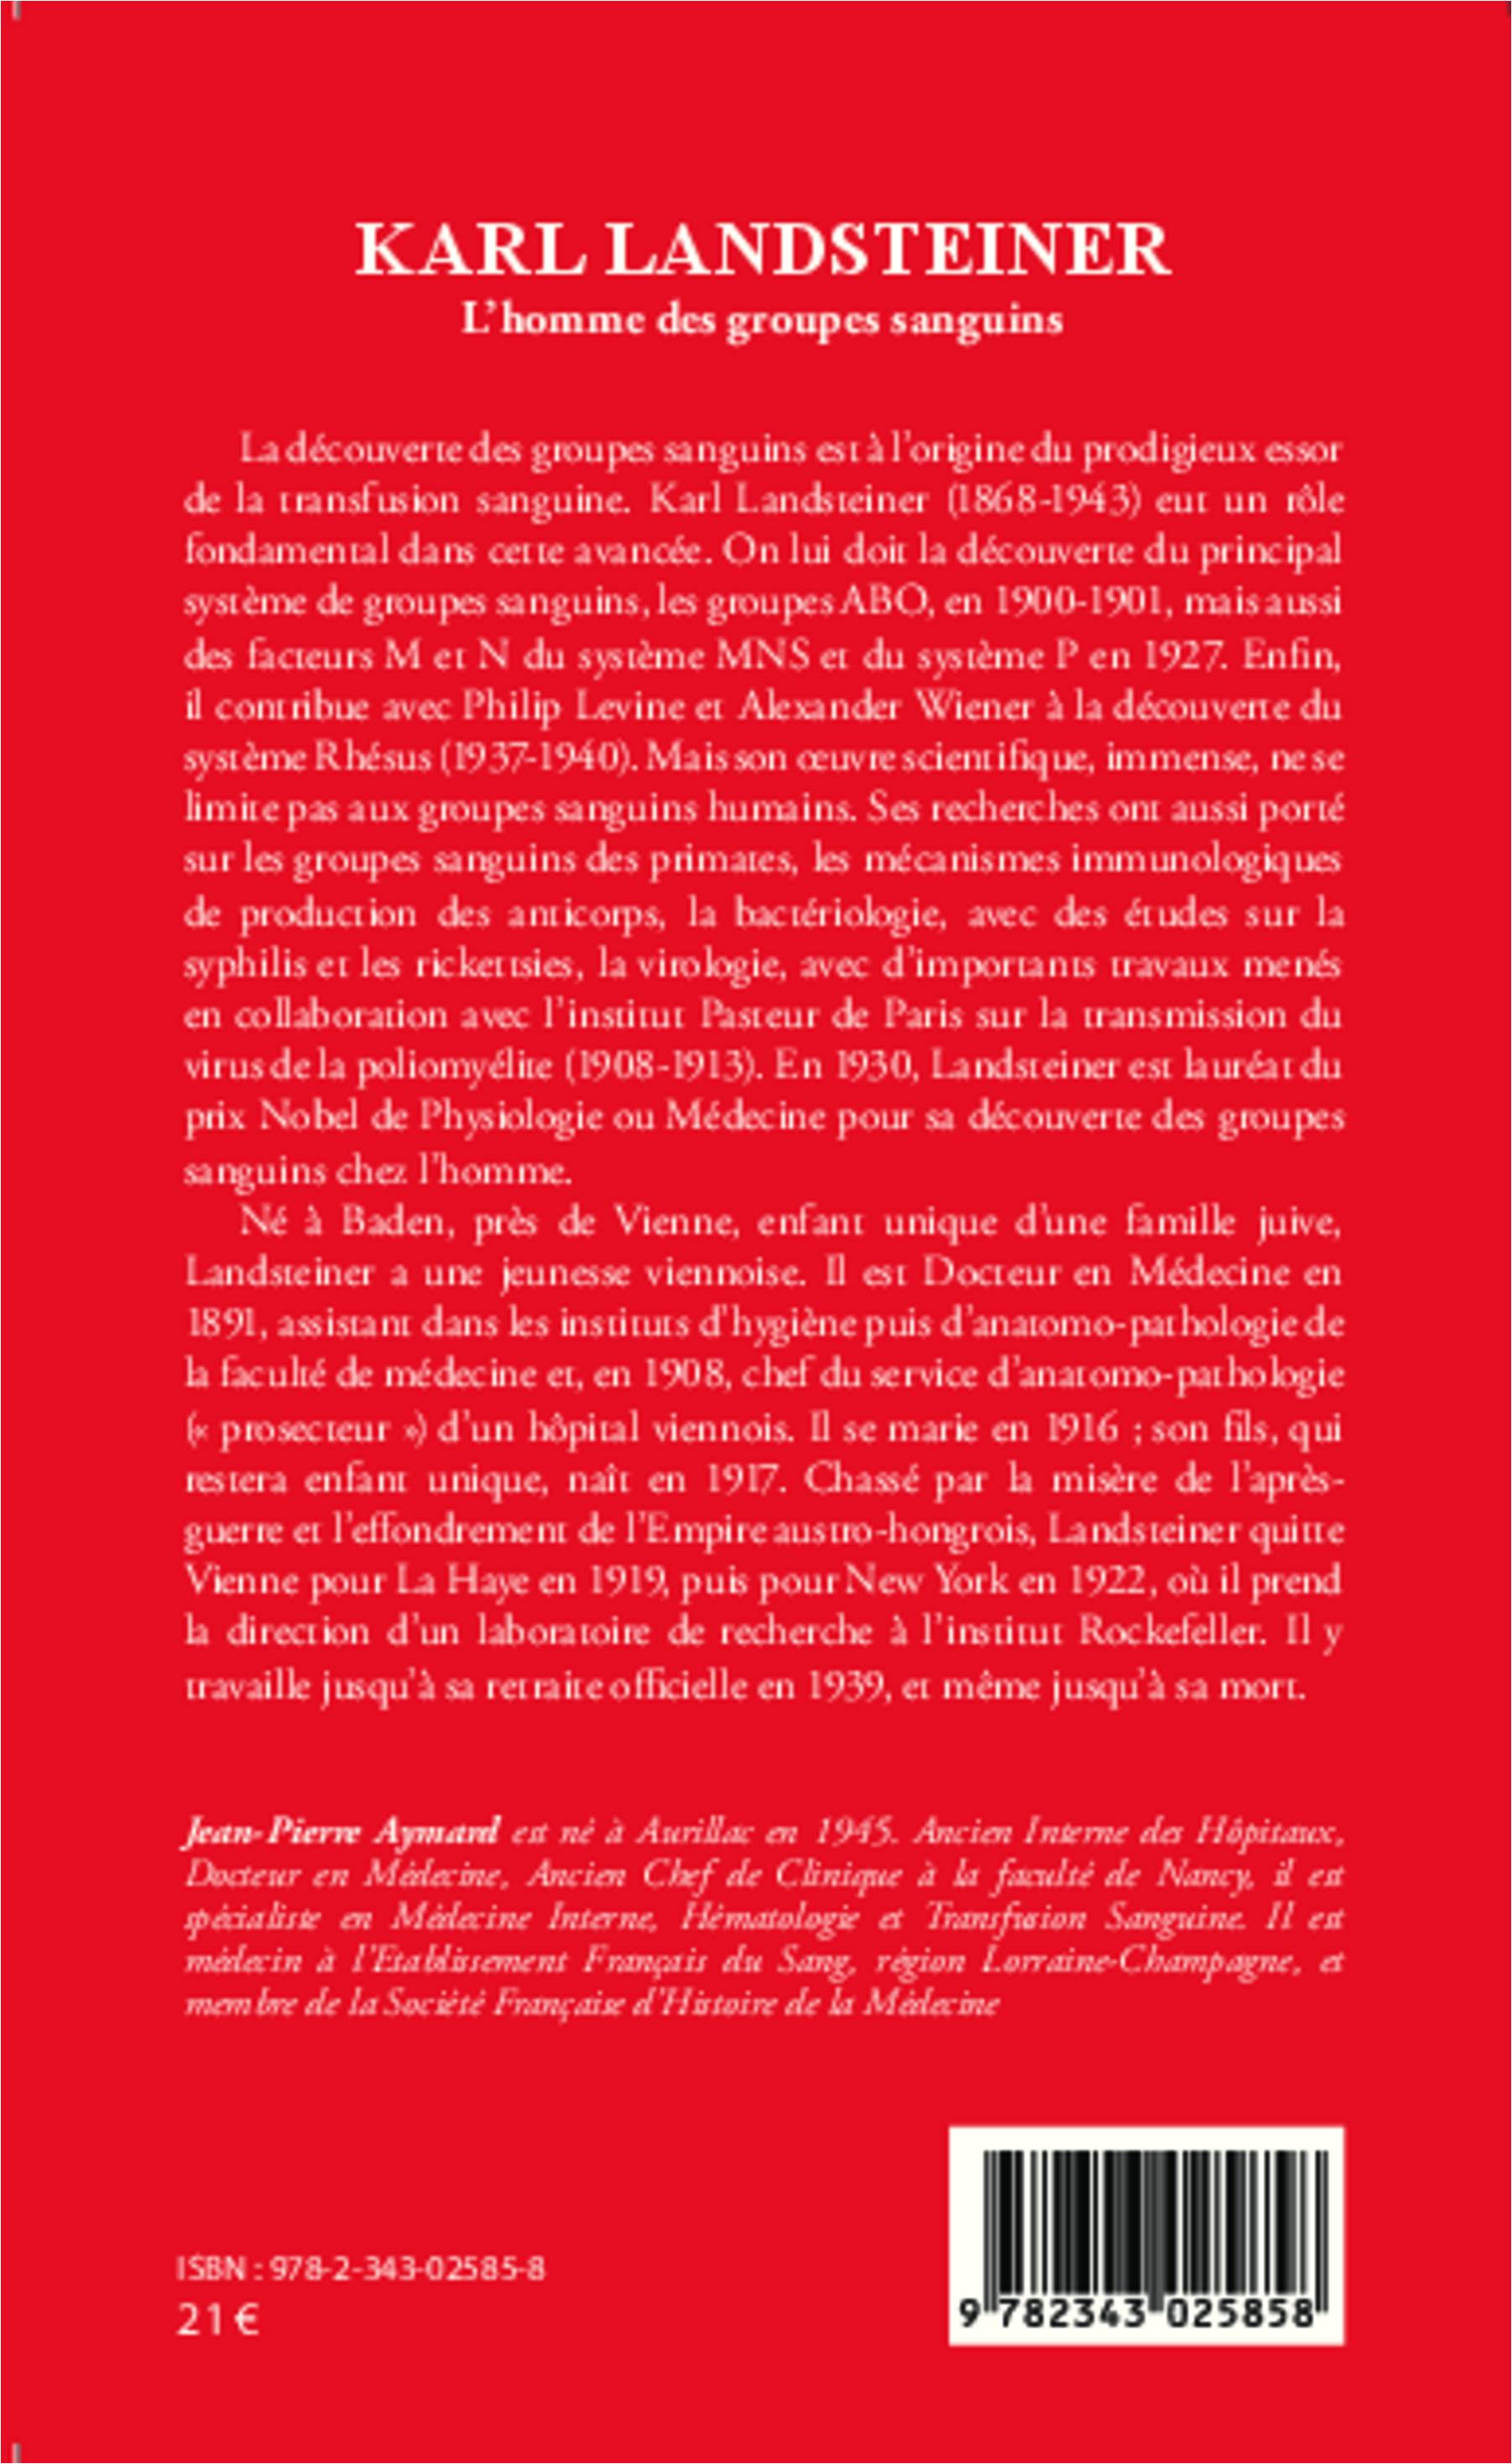 KARL LANDSTEINER - L'homme des groupes sanguins - Edition revue et ...